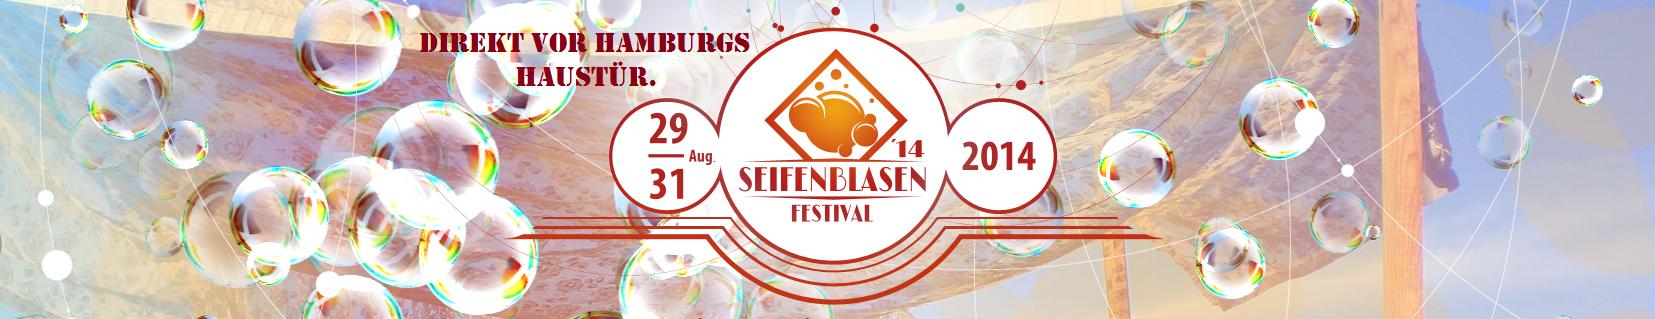 seifenblasen-festival